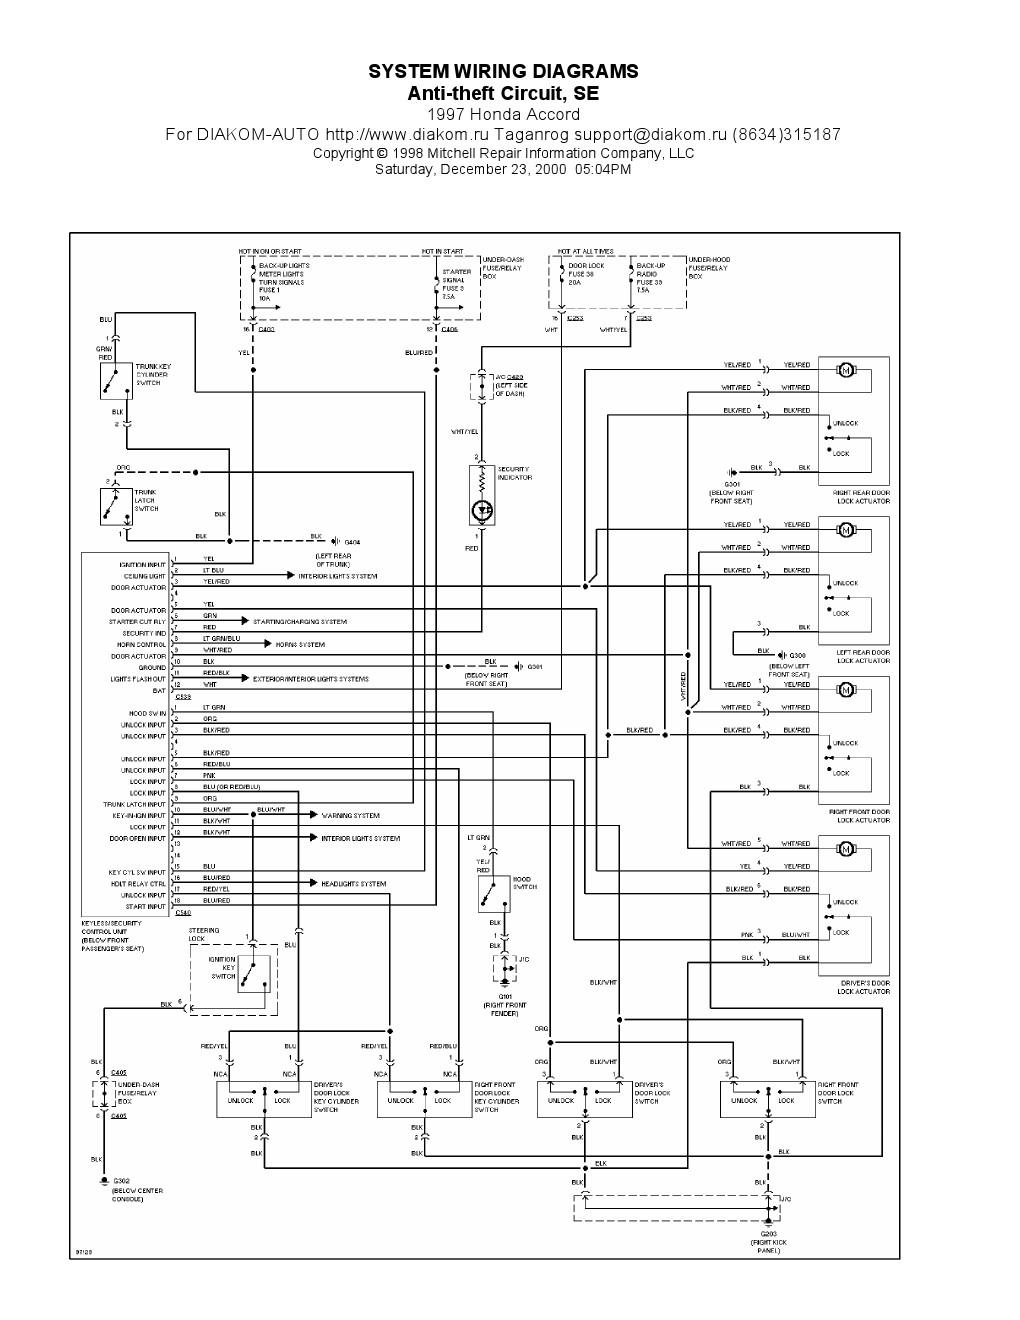 Wiring Diagram Honda Odyssey 2002 Hood Lock Trusted Diagrams Lead Custom U2022 Motorcycles Shadow 500